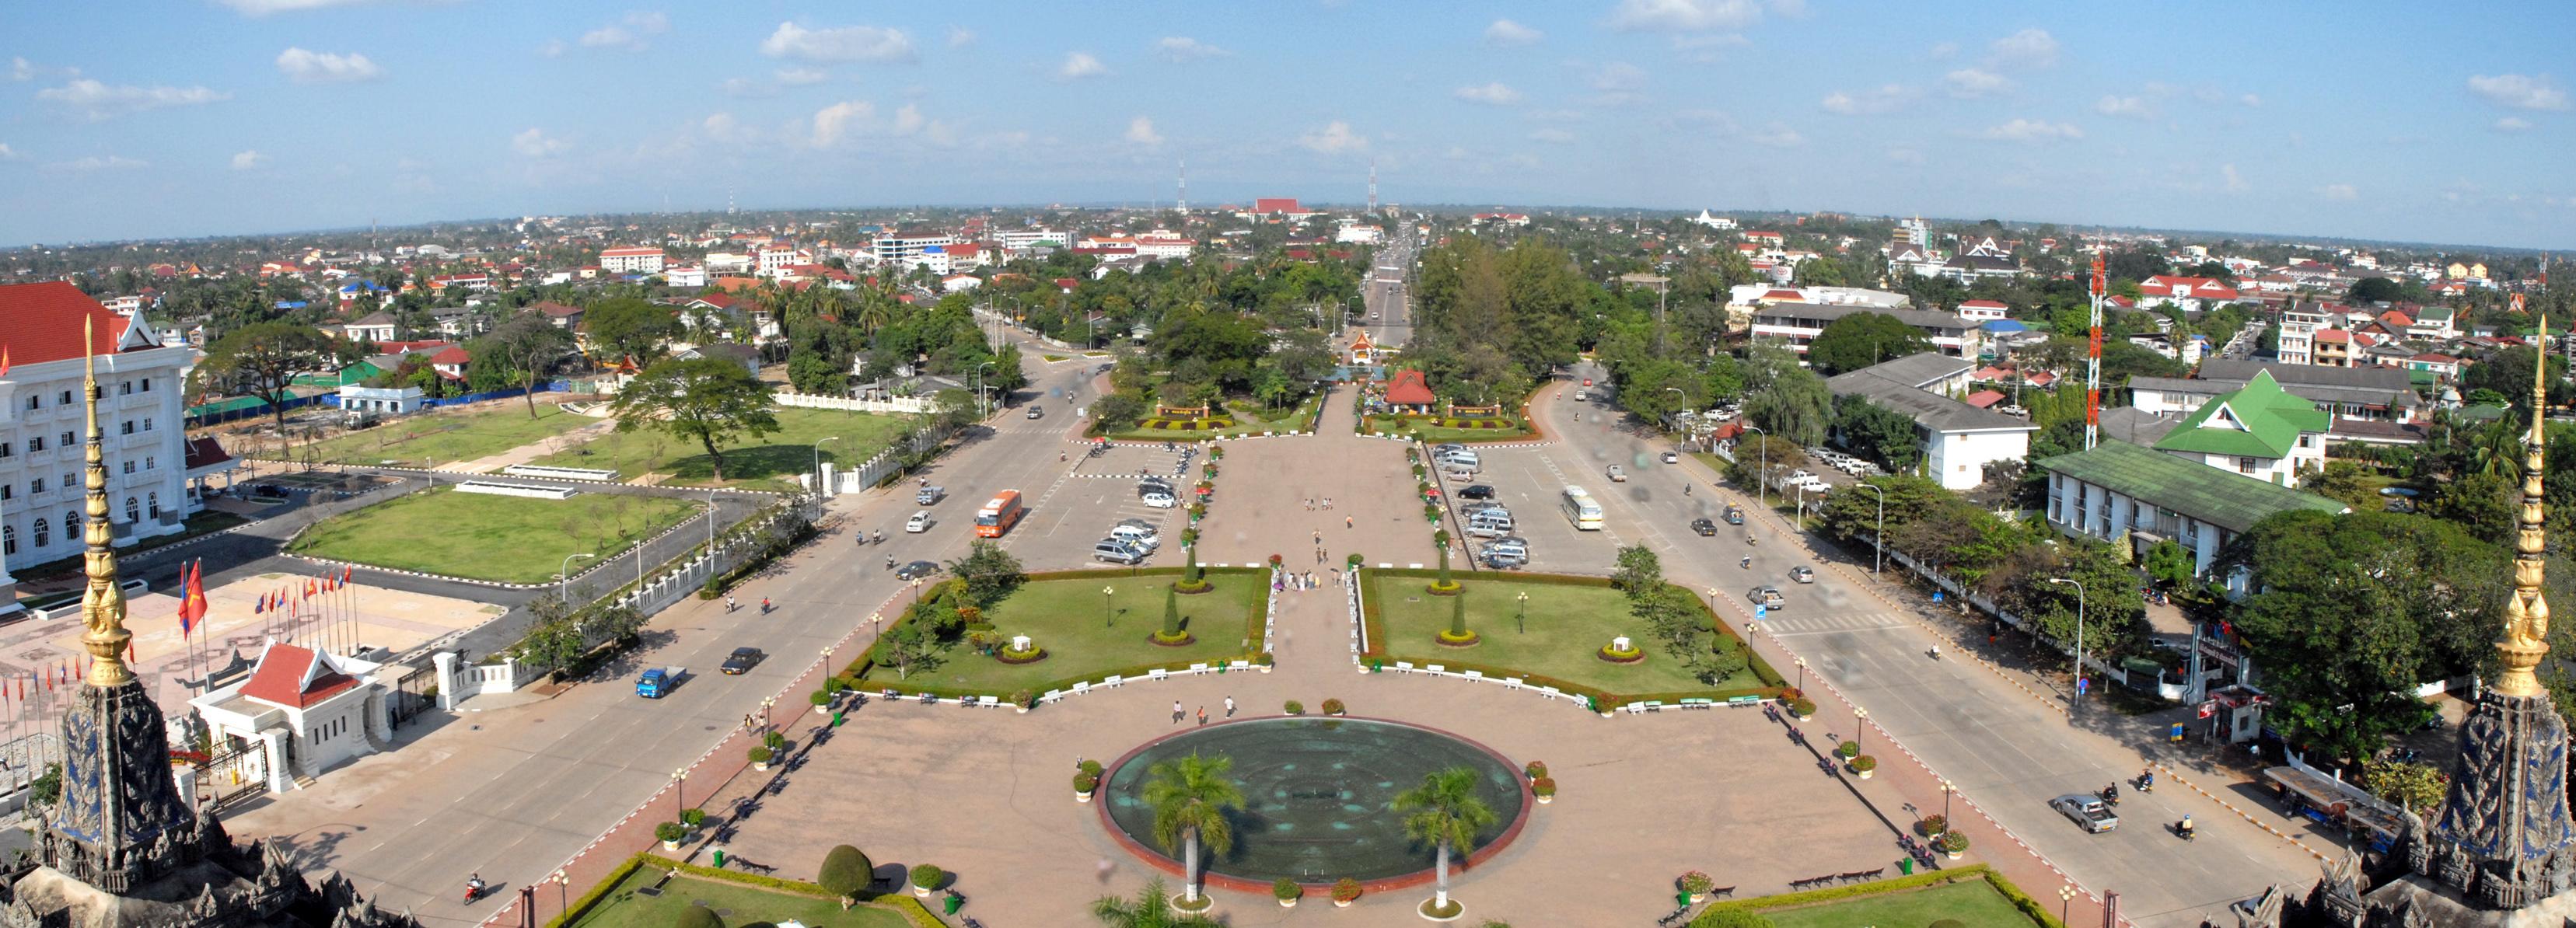 Vientiane_Patouxai_Laos.jpg